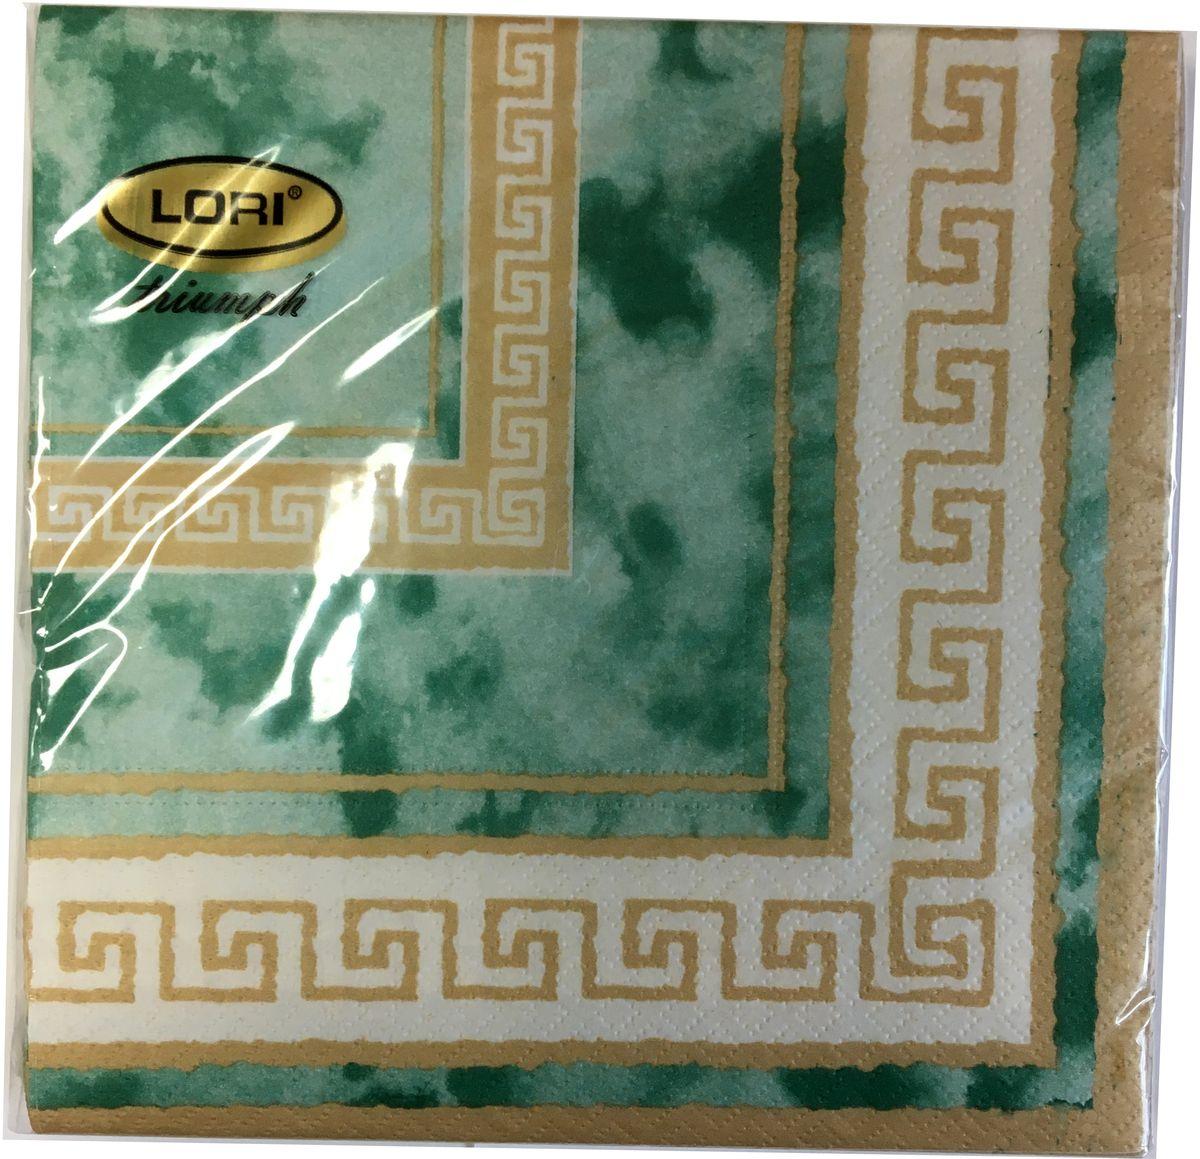 Салфетки бумажные Lori Triumph, трехслойные, цвет: зеленый, коричневый, 33 х 33 см, 20 шт. 56134V30 AC DCДекоративные трехслойные салфетки Lori Triumph выполнены из 100% целлюлозы и оформлены ярким рисунком. Изделия станут отличным дополнением любого праздничного стола. Они отличаются необычной мягкостью, прочностью и оригинальностью.Размер салфеток в развернутом виде: 33 х 33 см.